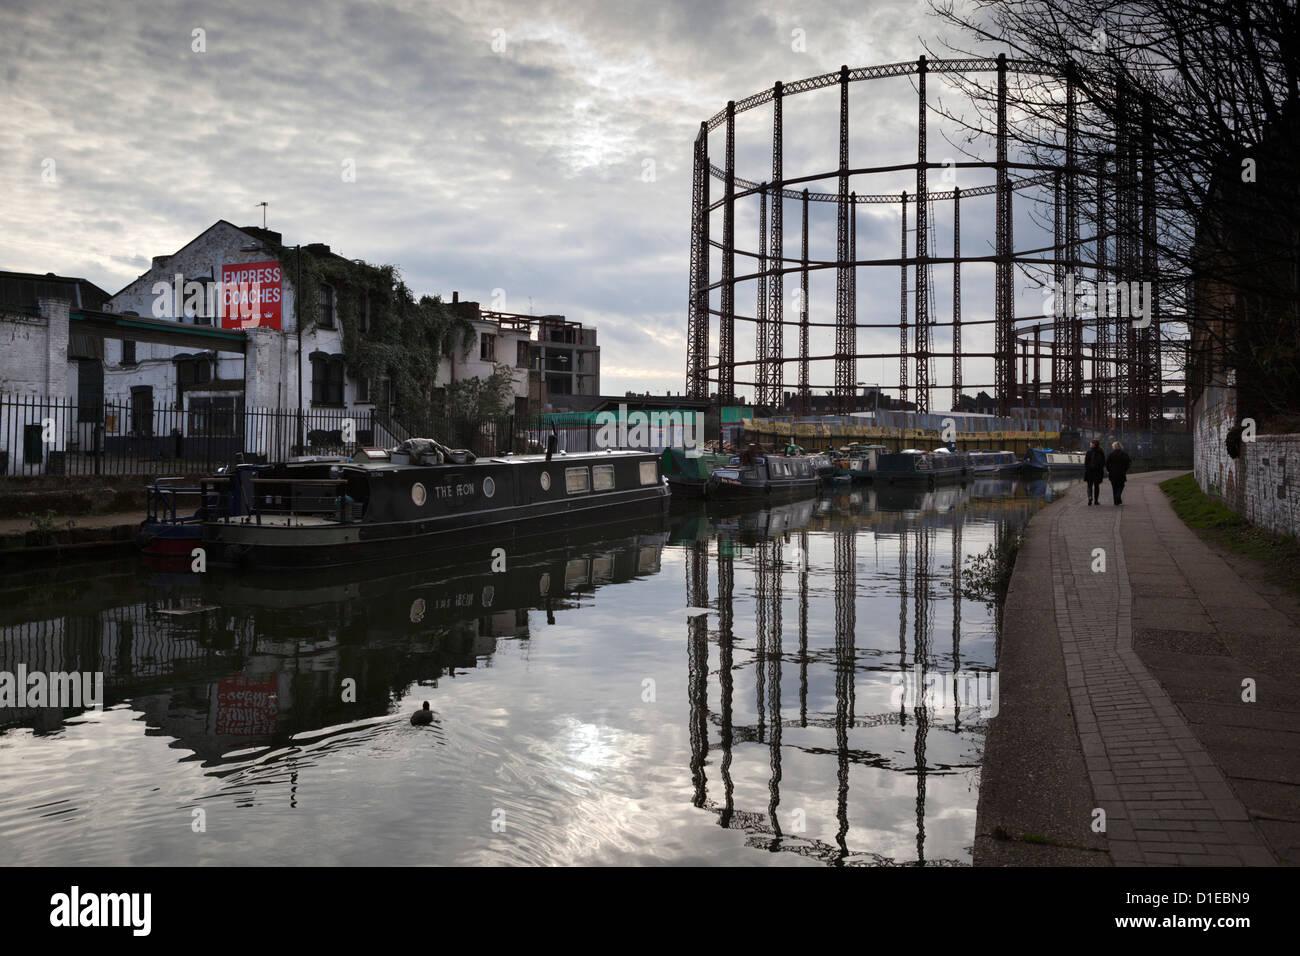 Grand Union Canal, Hackney, London, England, United Kingdom, Europe - Stock Image